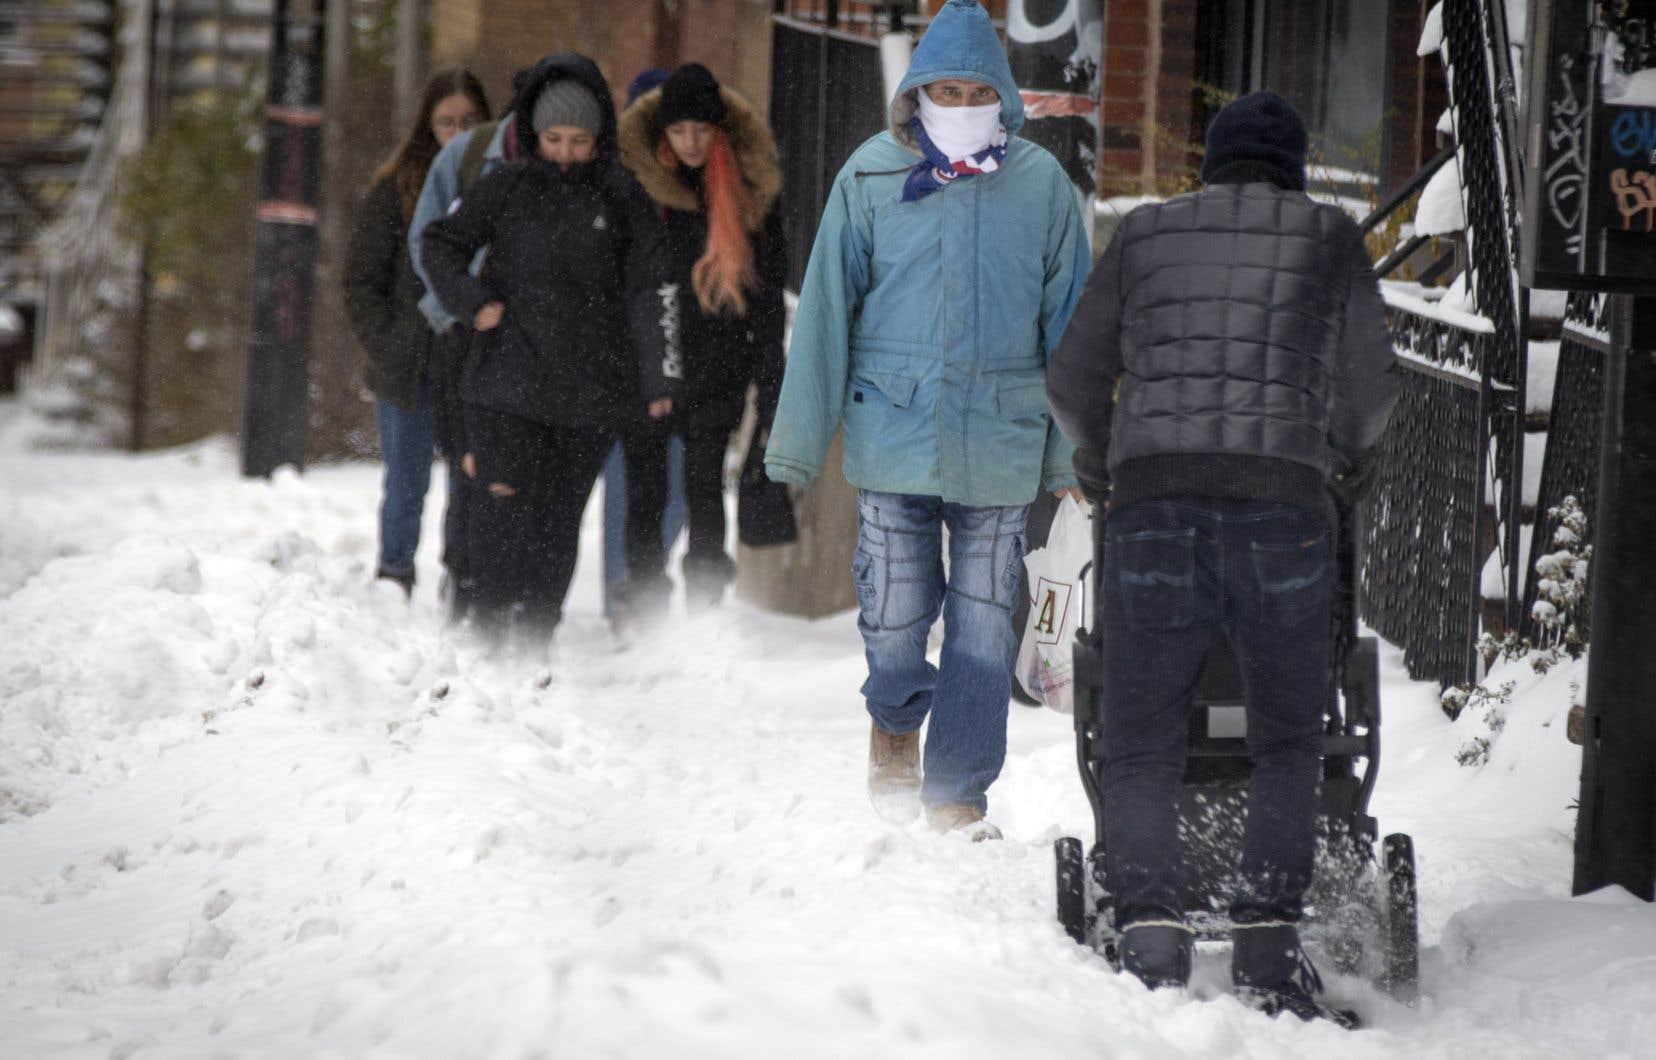 Environnement Canada prévoit une accumulation de 20 à 30 cm de neige, mais ce total pourrait atteindre jusqu'à 40 cm dans certains secteurs de l'est du Québec.